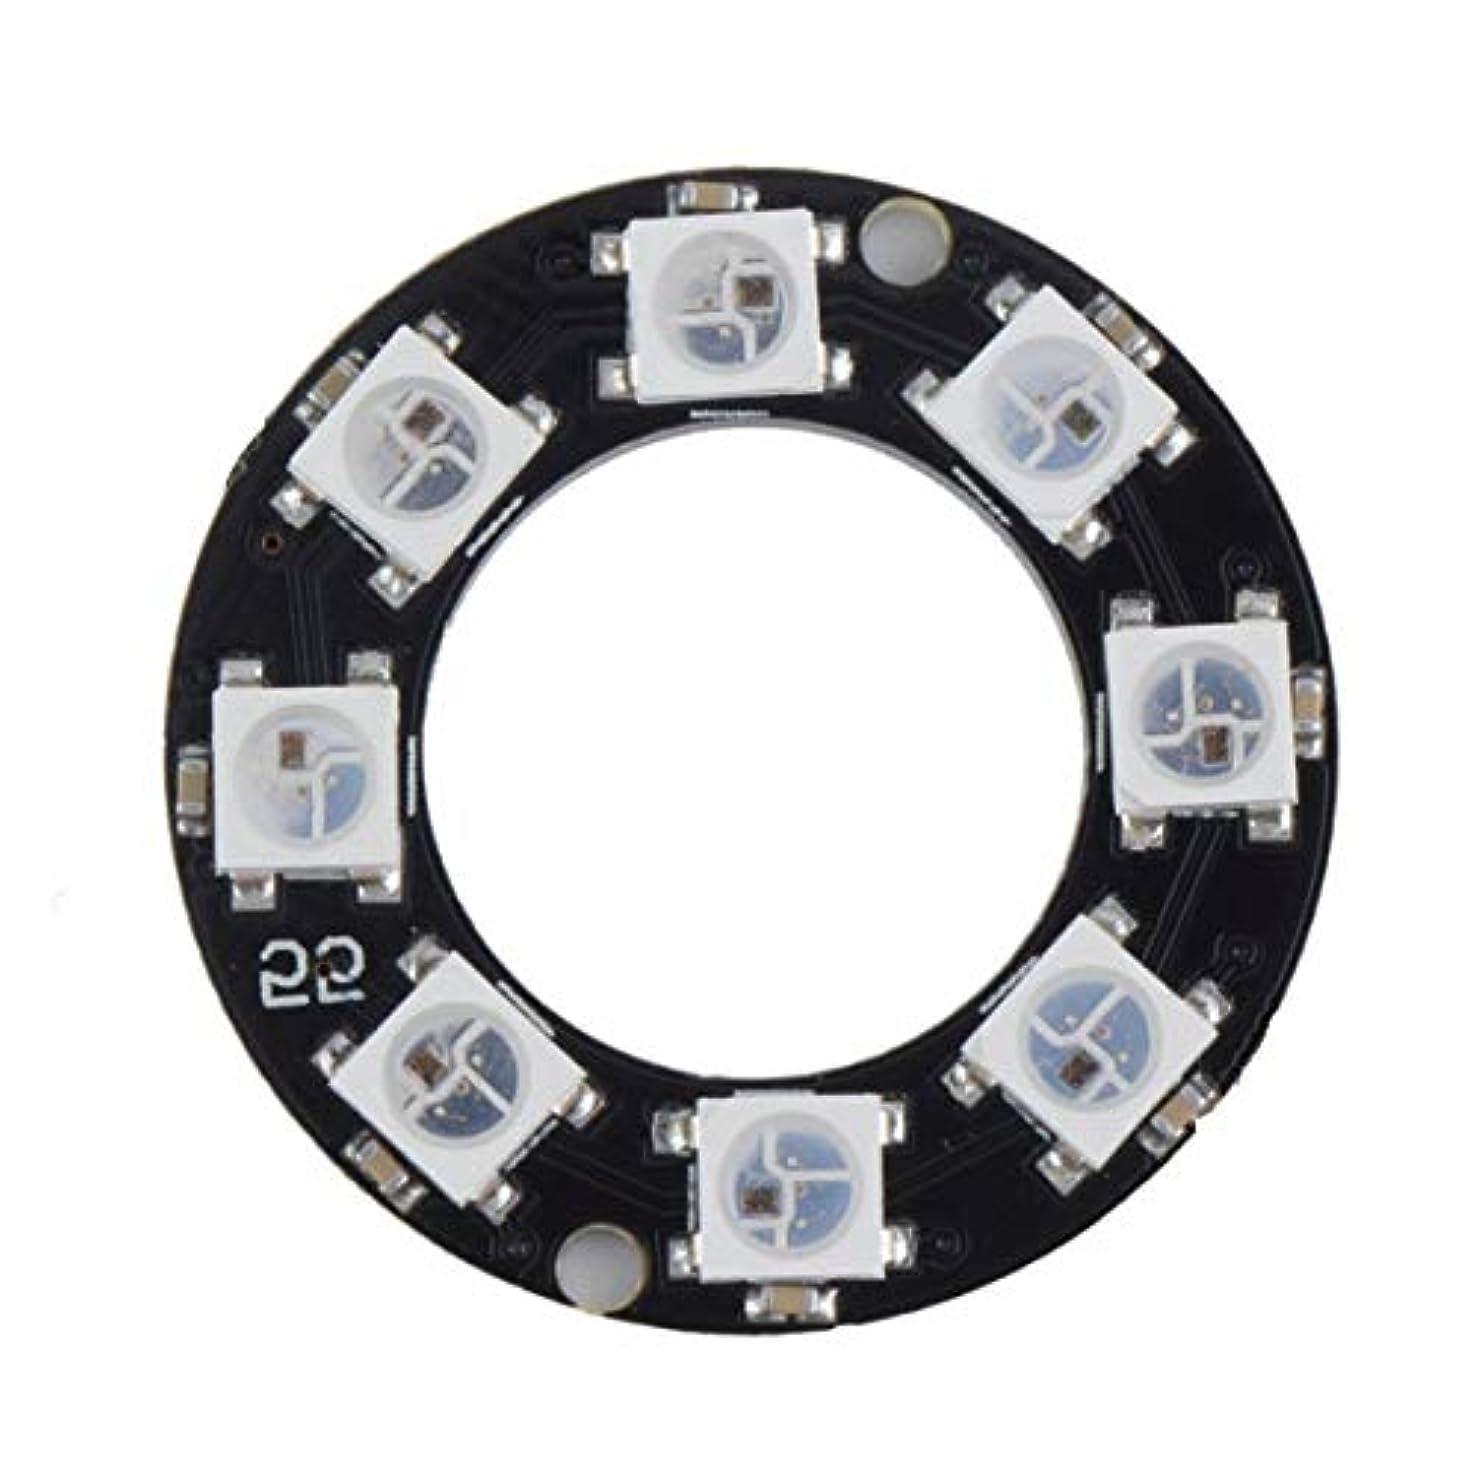 これらバーリムTivollyff LEDリング8 x WS2812B 5050 RGB統合ドライバArduino 8ビットY45超高輝度スマートLedリングブラック